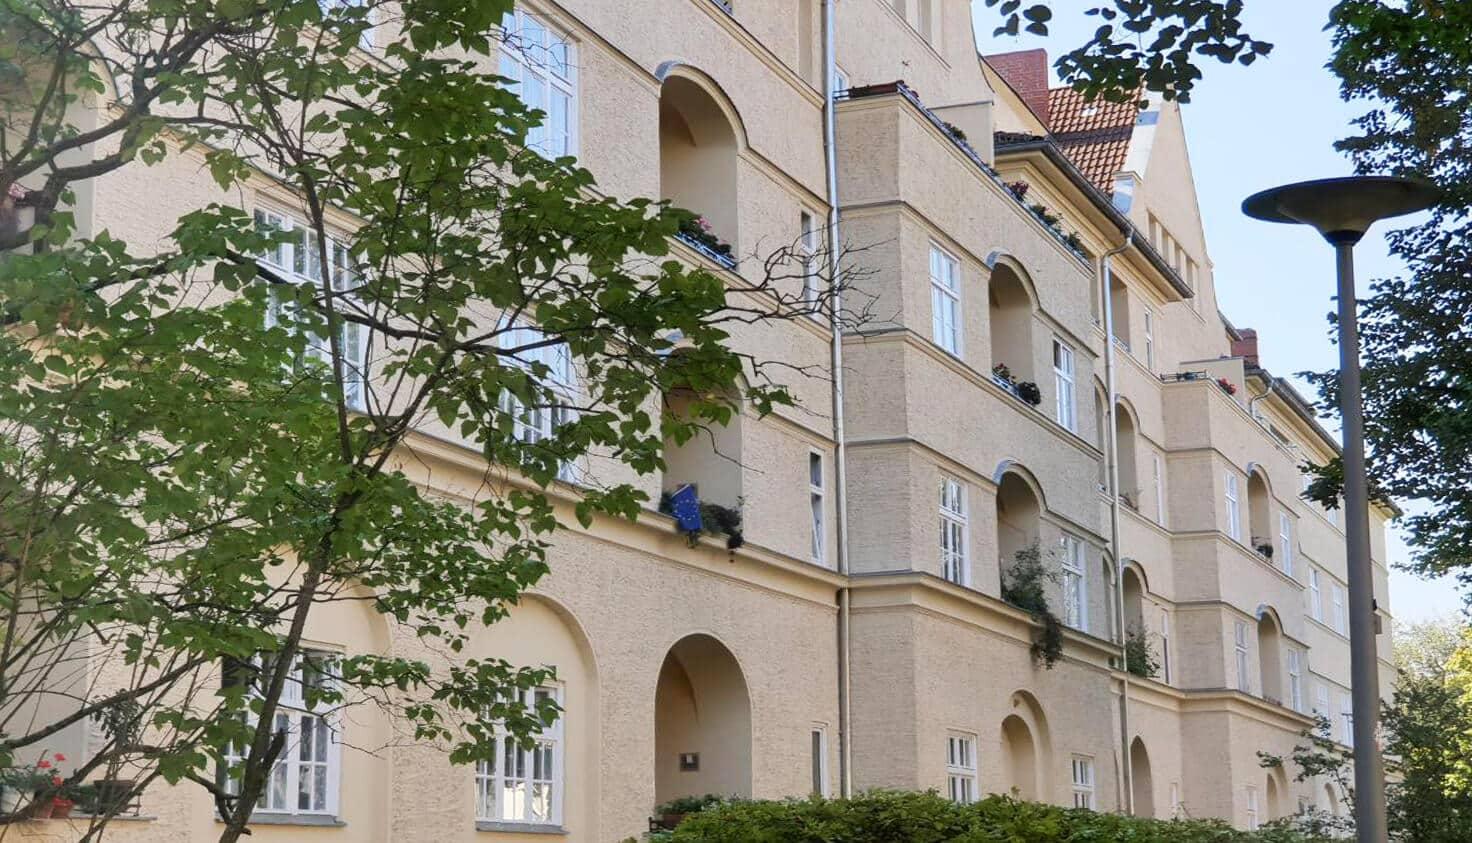 03-Sanierung-von-Altbaufenstern-referenz-malerbetrieb-kluge-berlin.jpg